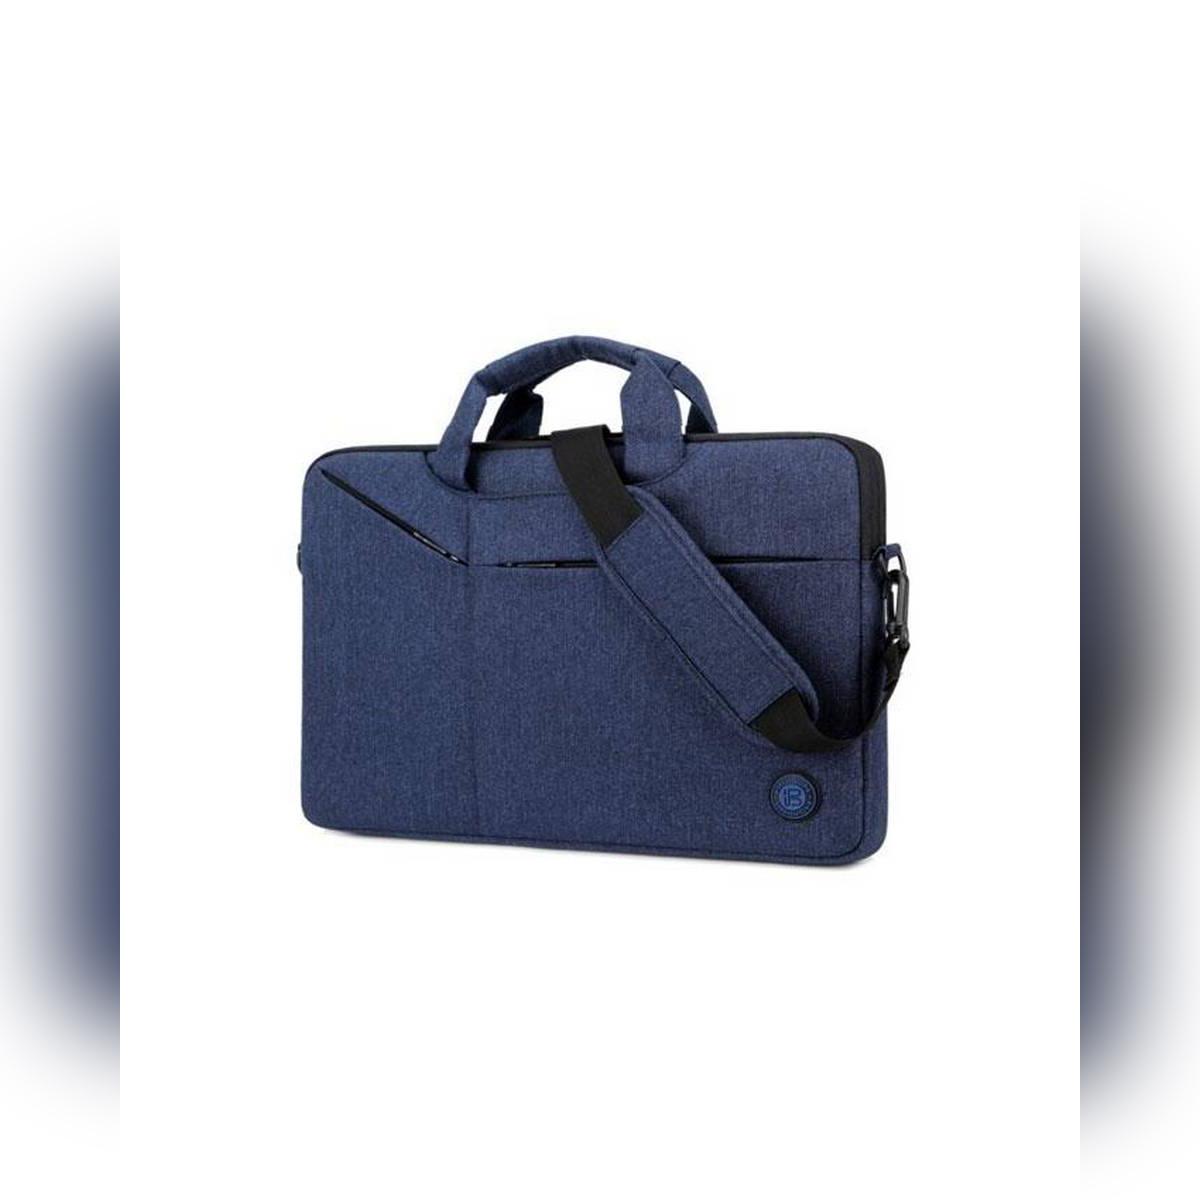 Brinch BW-235 Briefcase 15.6 Inch Laptop Bag Laptop Messenger Bag Shoulder Bags for Men Women